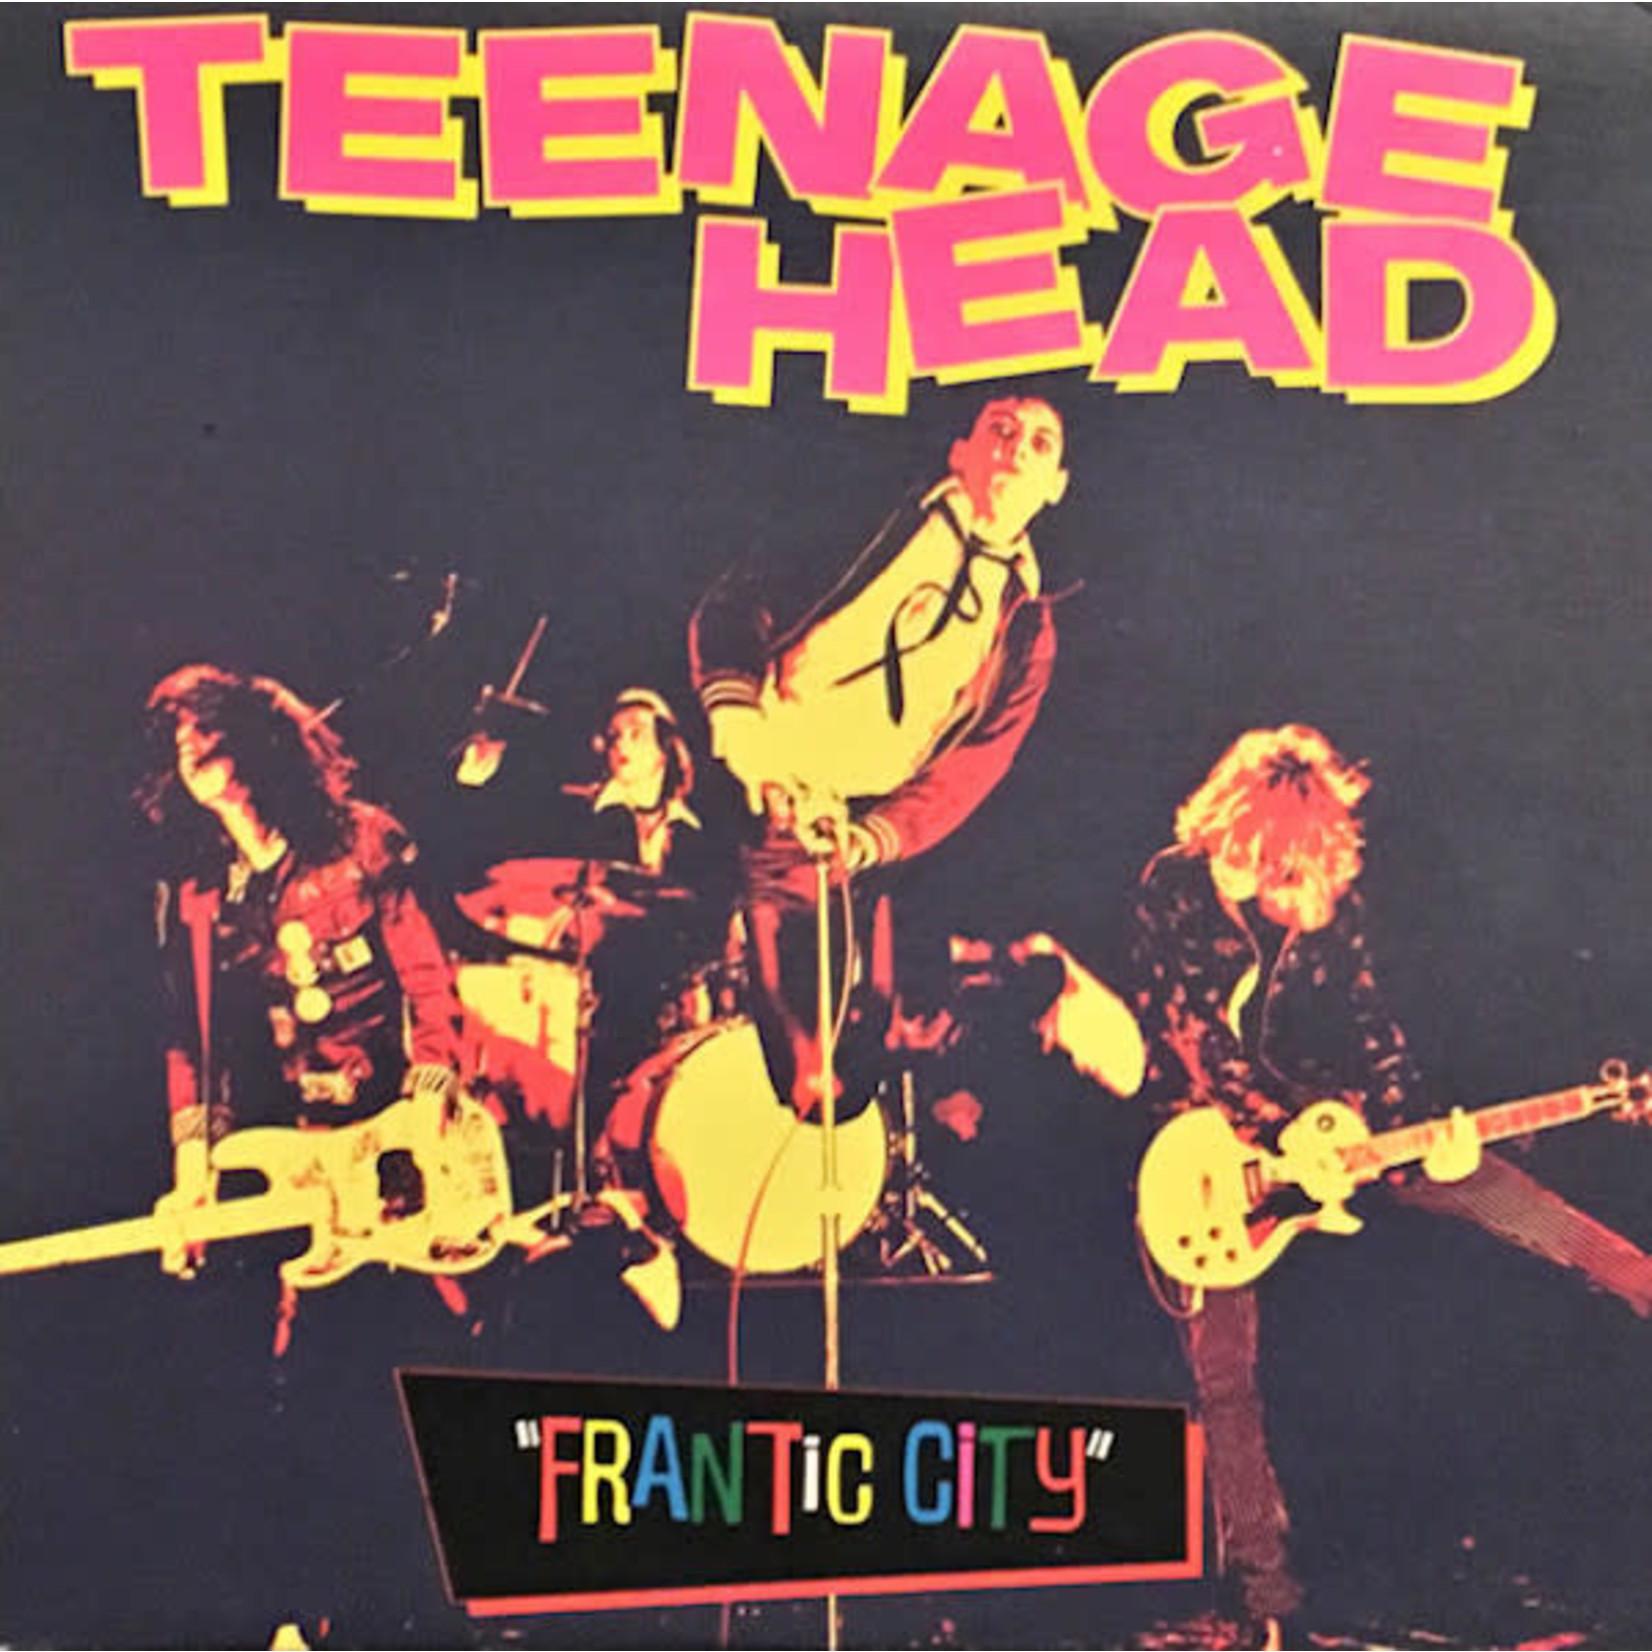 [Vintage] Teenage Head: Frantic City